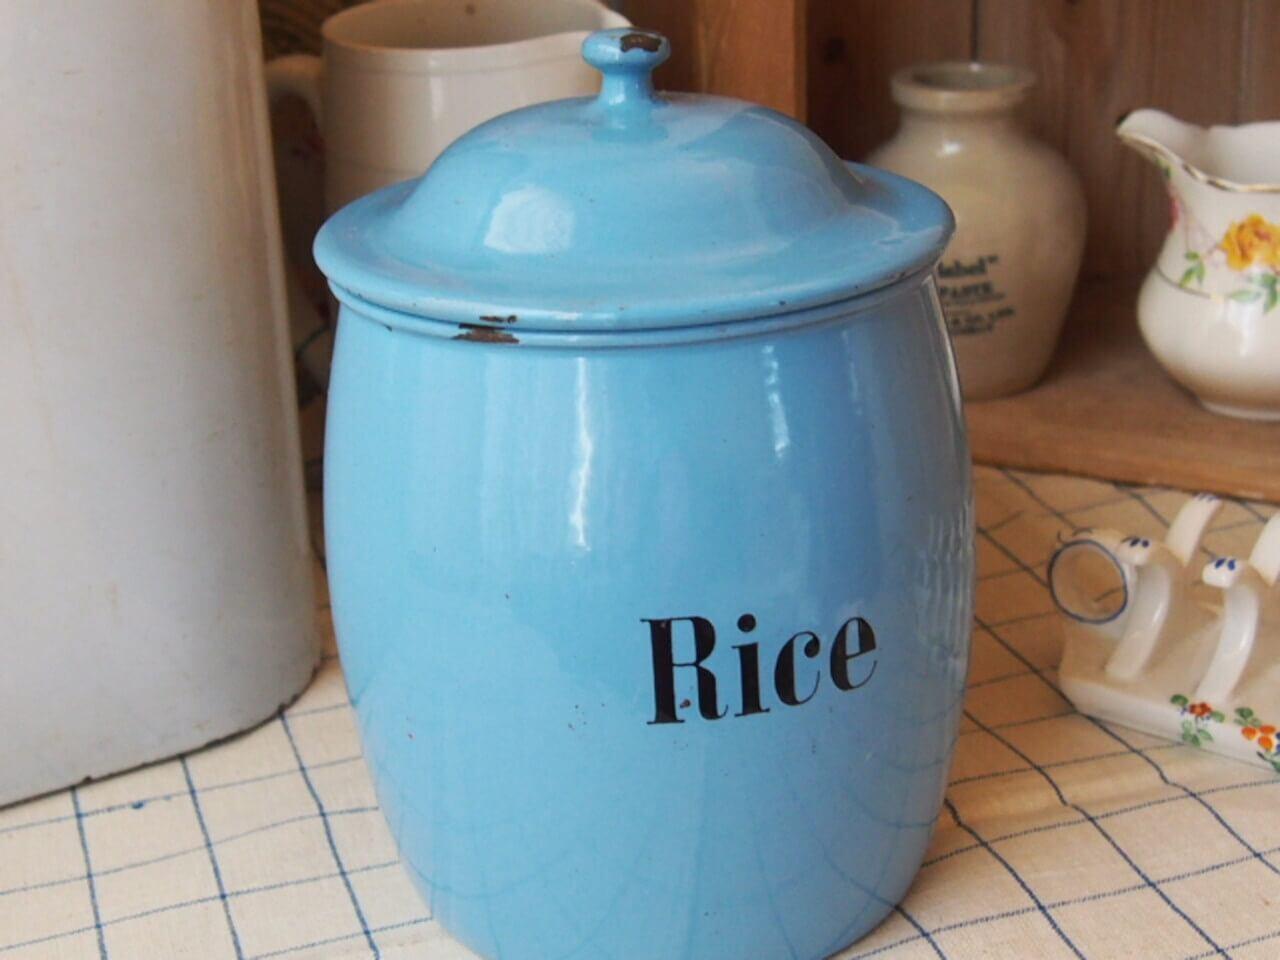 イギリスアンティーク キャニスター(Rice)